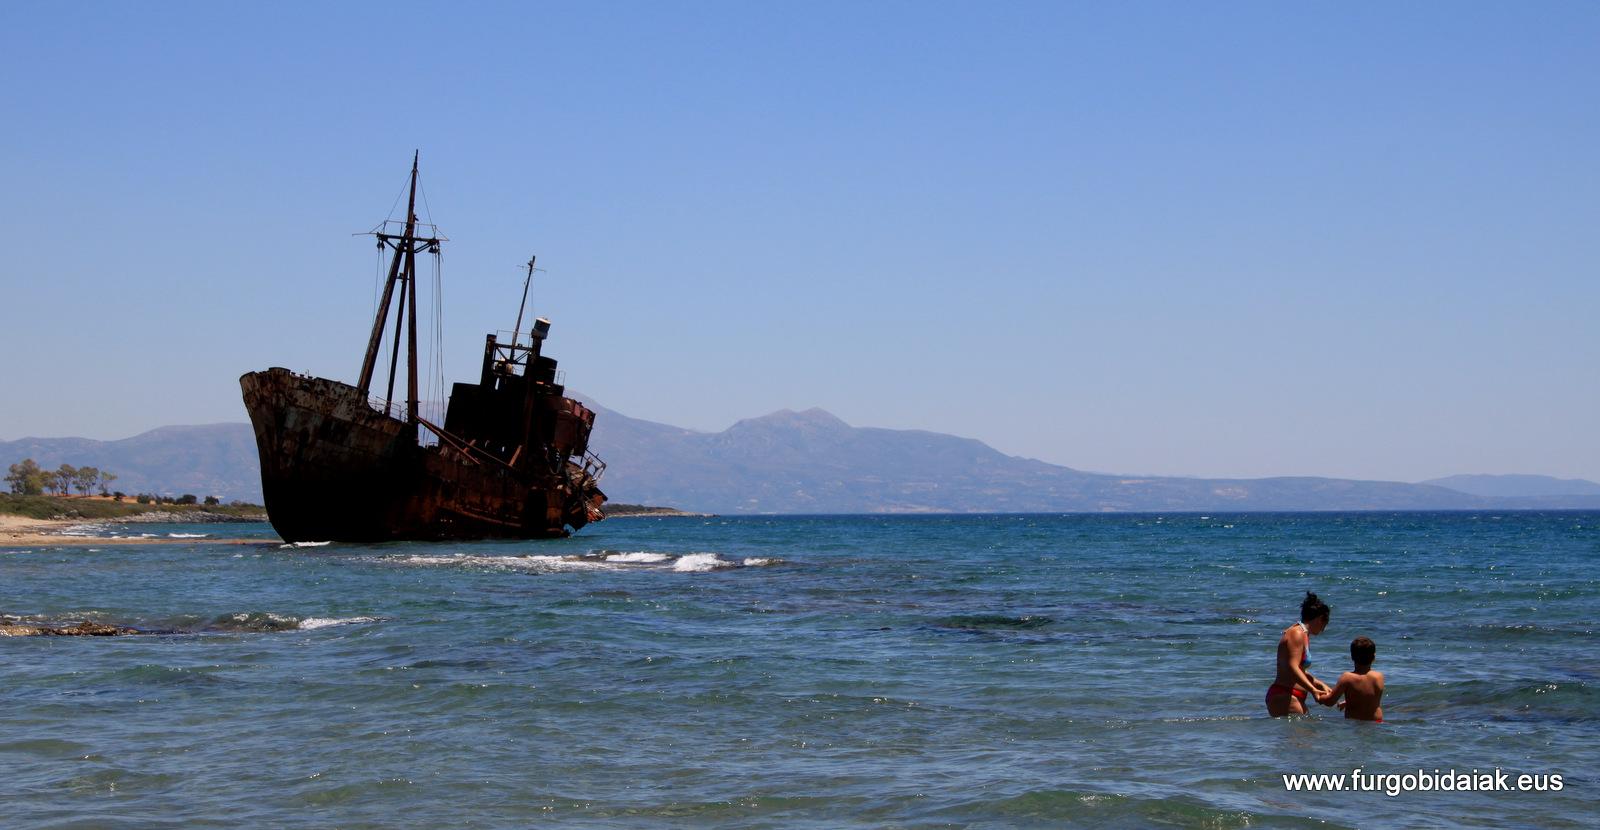 Baño con dimitrios, Valtaki, Peloponeso, Grecia